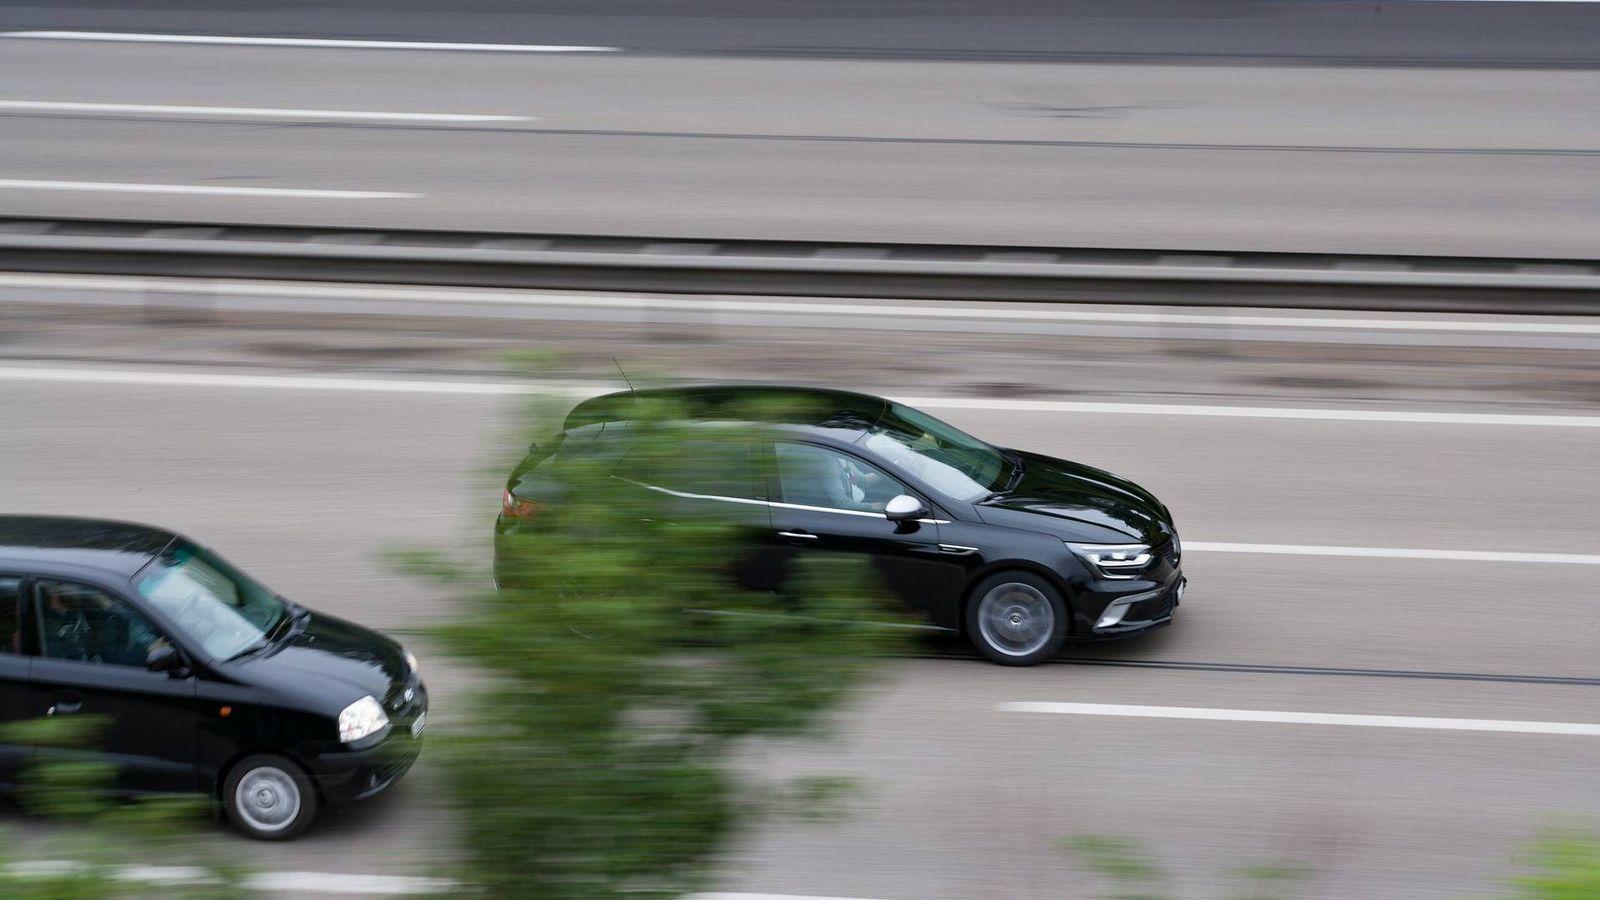 Foto: Imagen de un adelantamiento en carretera (Pixabay)